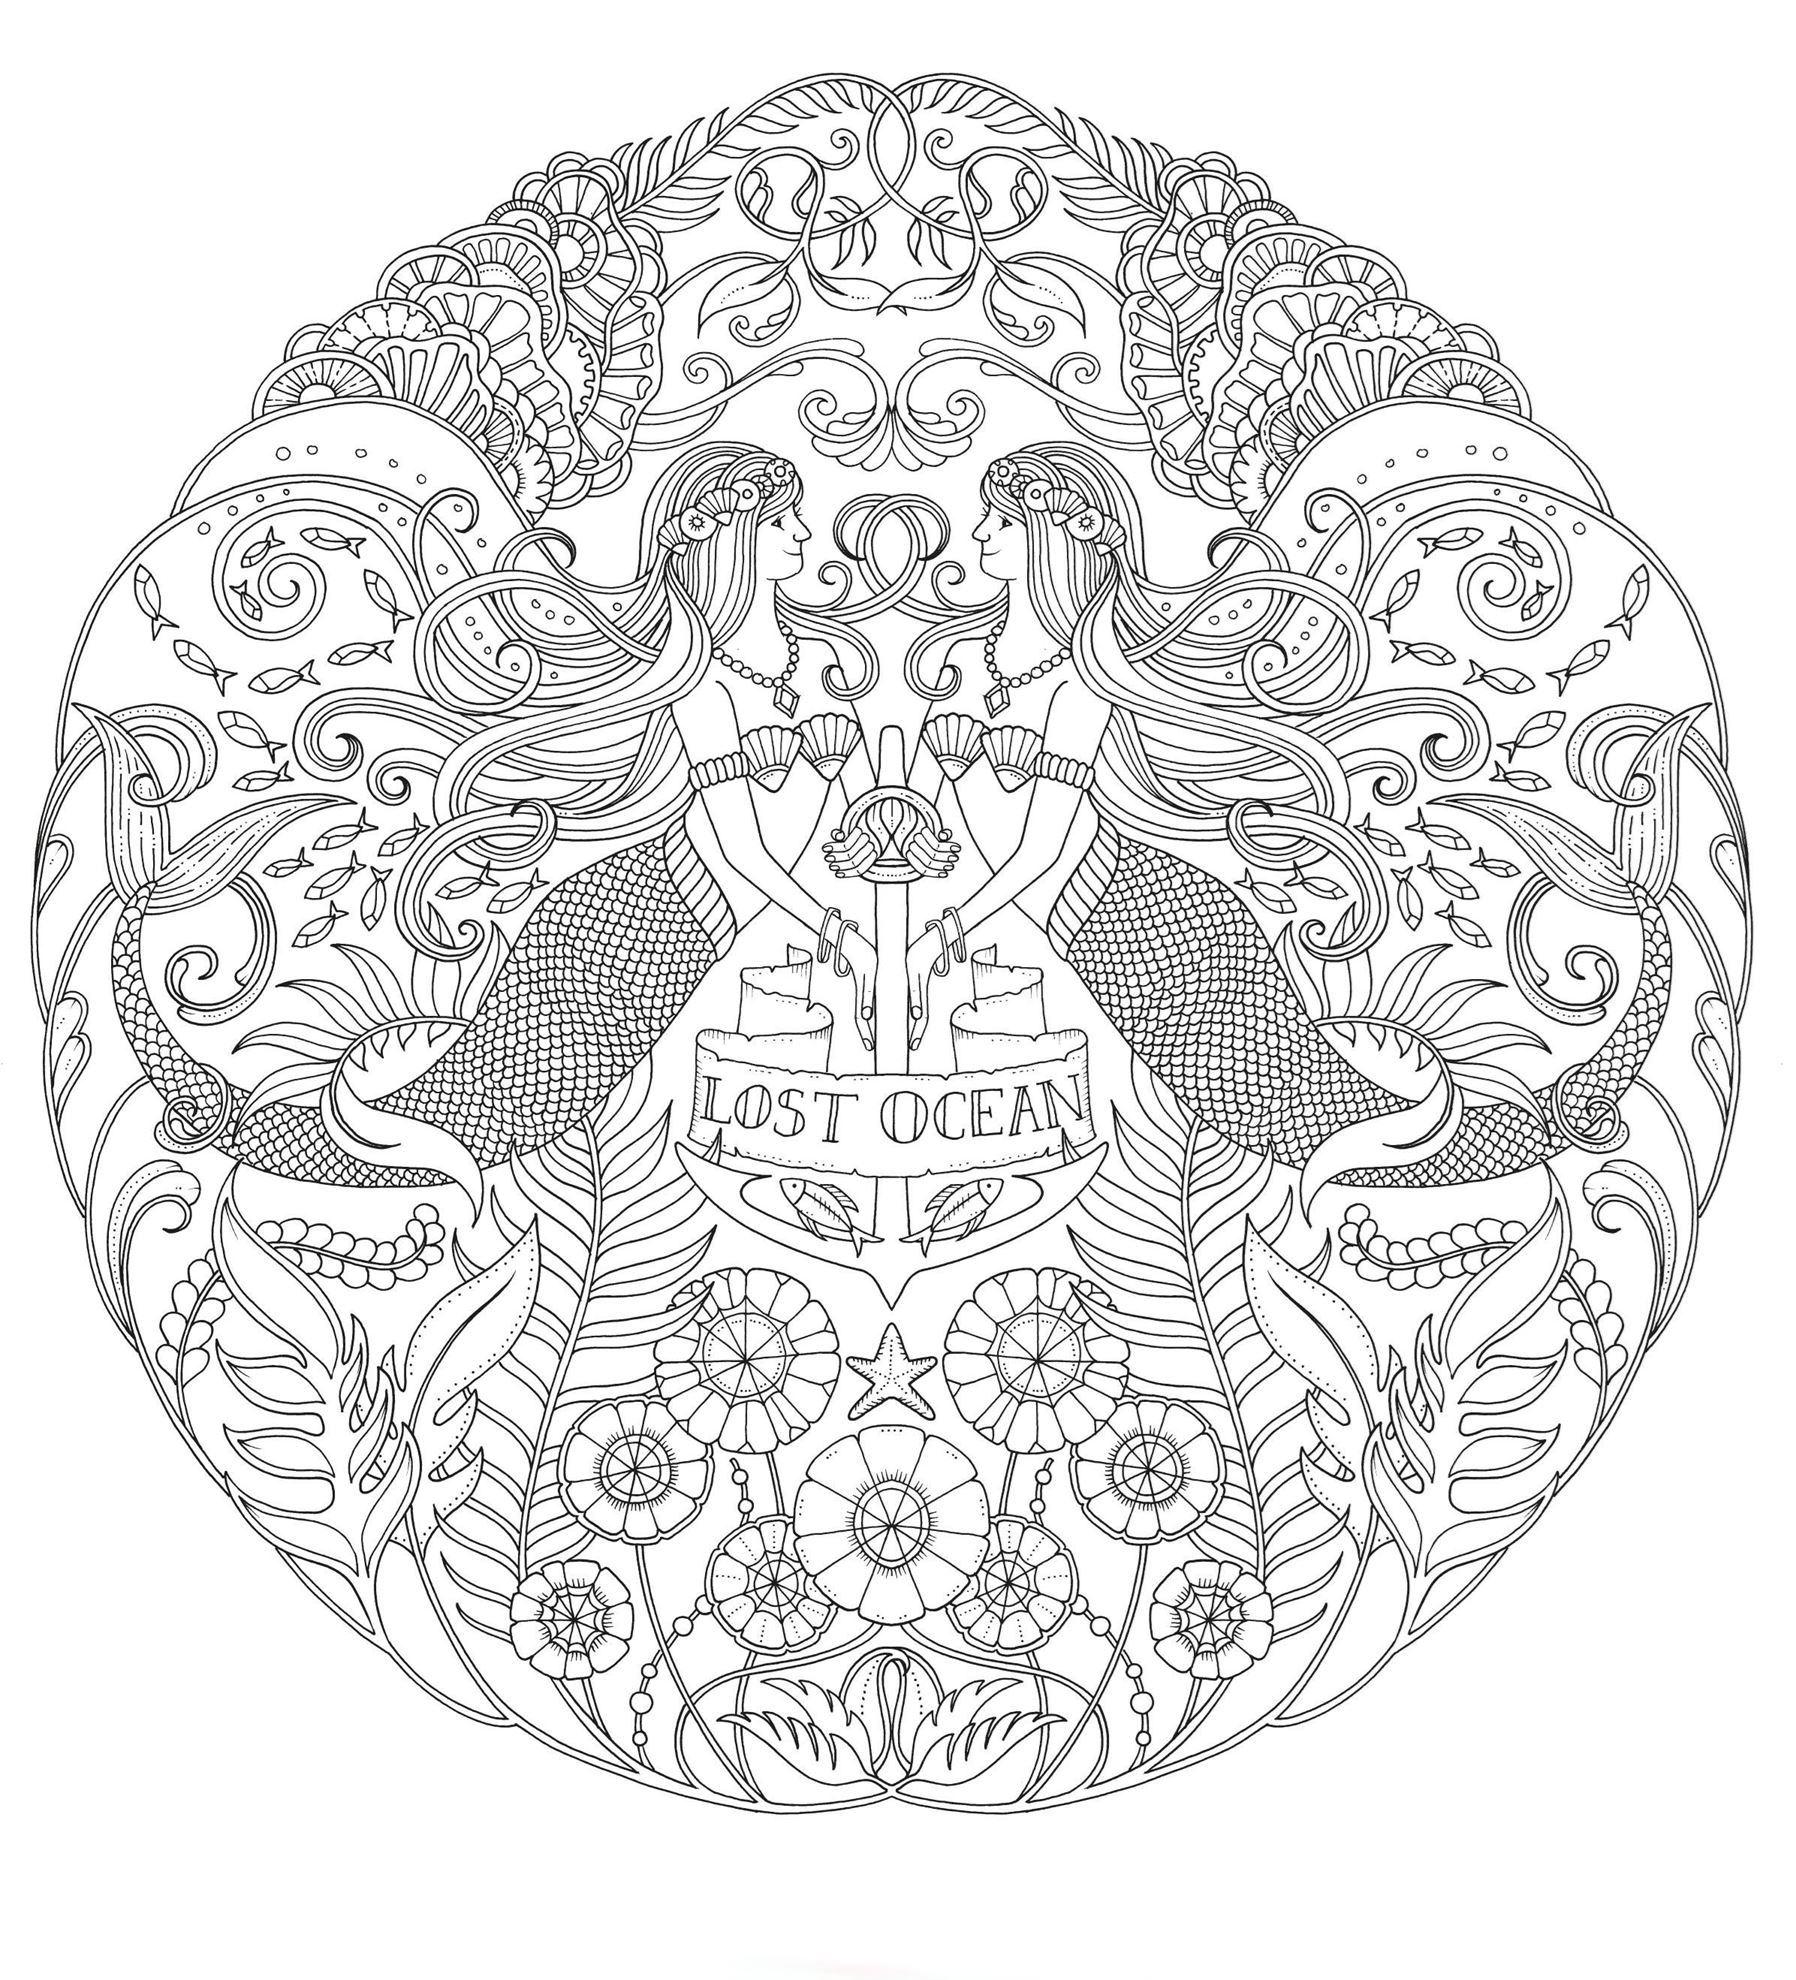 Изображение Затерянный океан. Книга для творчества и вдохновения, Издательство КоЛибри